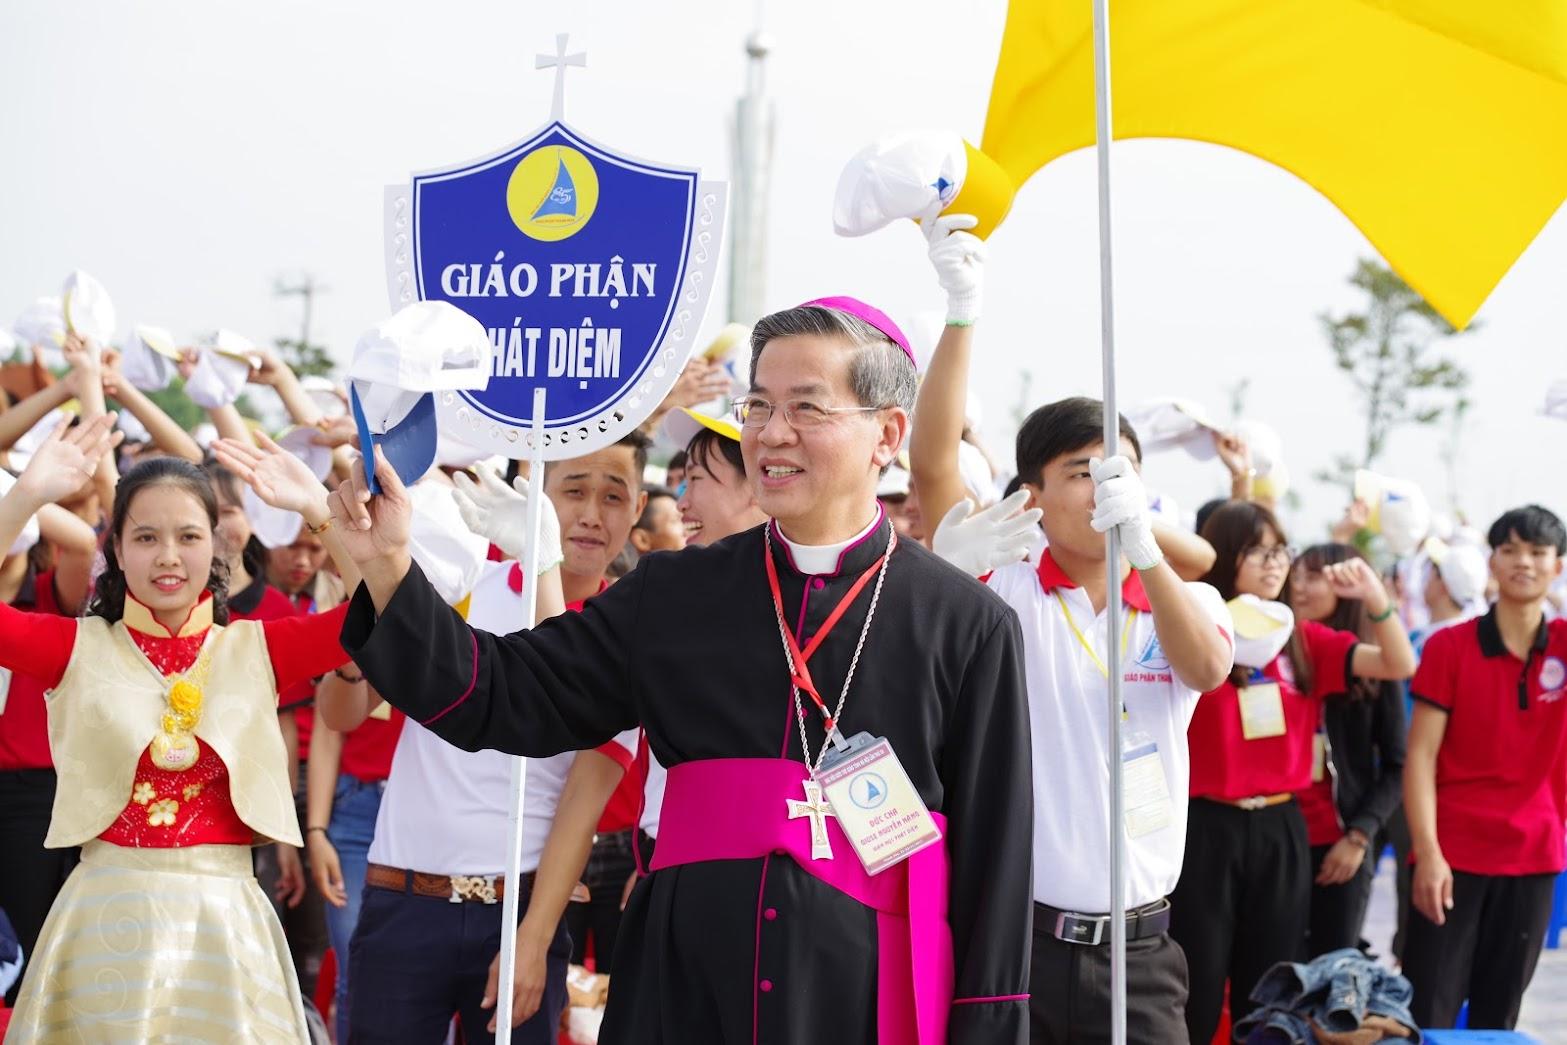 Những hình ảnh đẹp về lễ khai mạc Đại Hội Giới Trẻ giáo tỉnh Hà Nội lần thứ XV tại Thanh Hóa - Ảnh minh hoạ 21